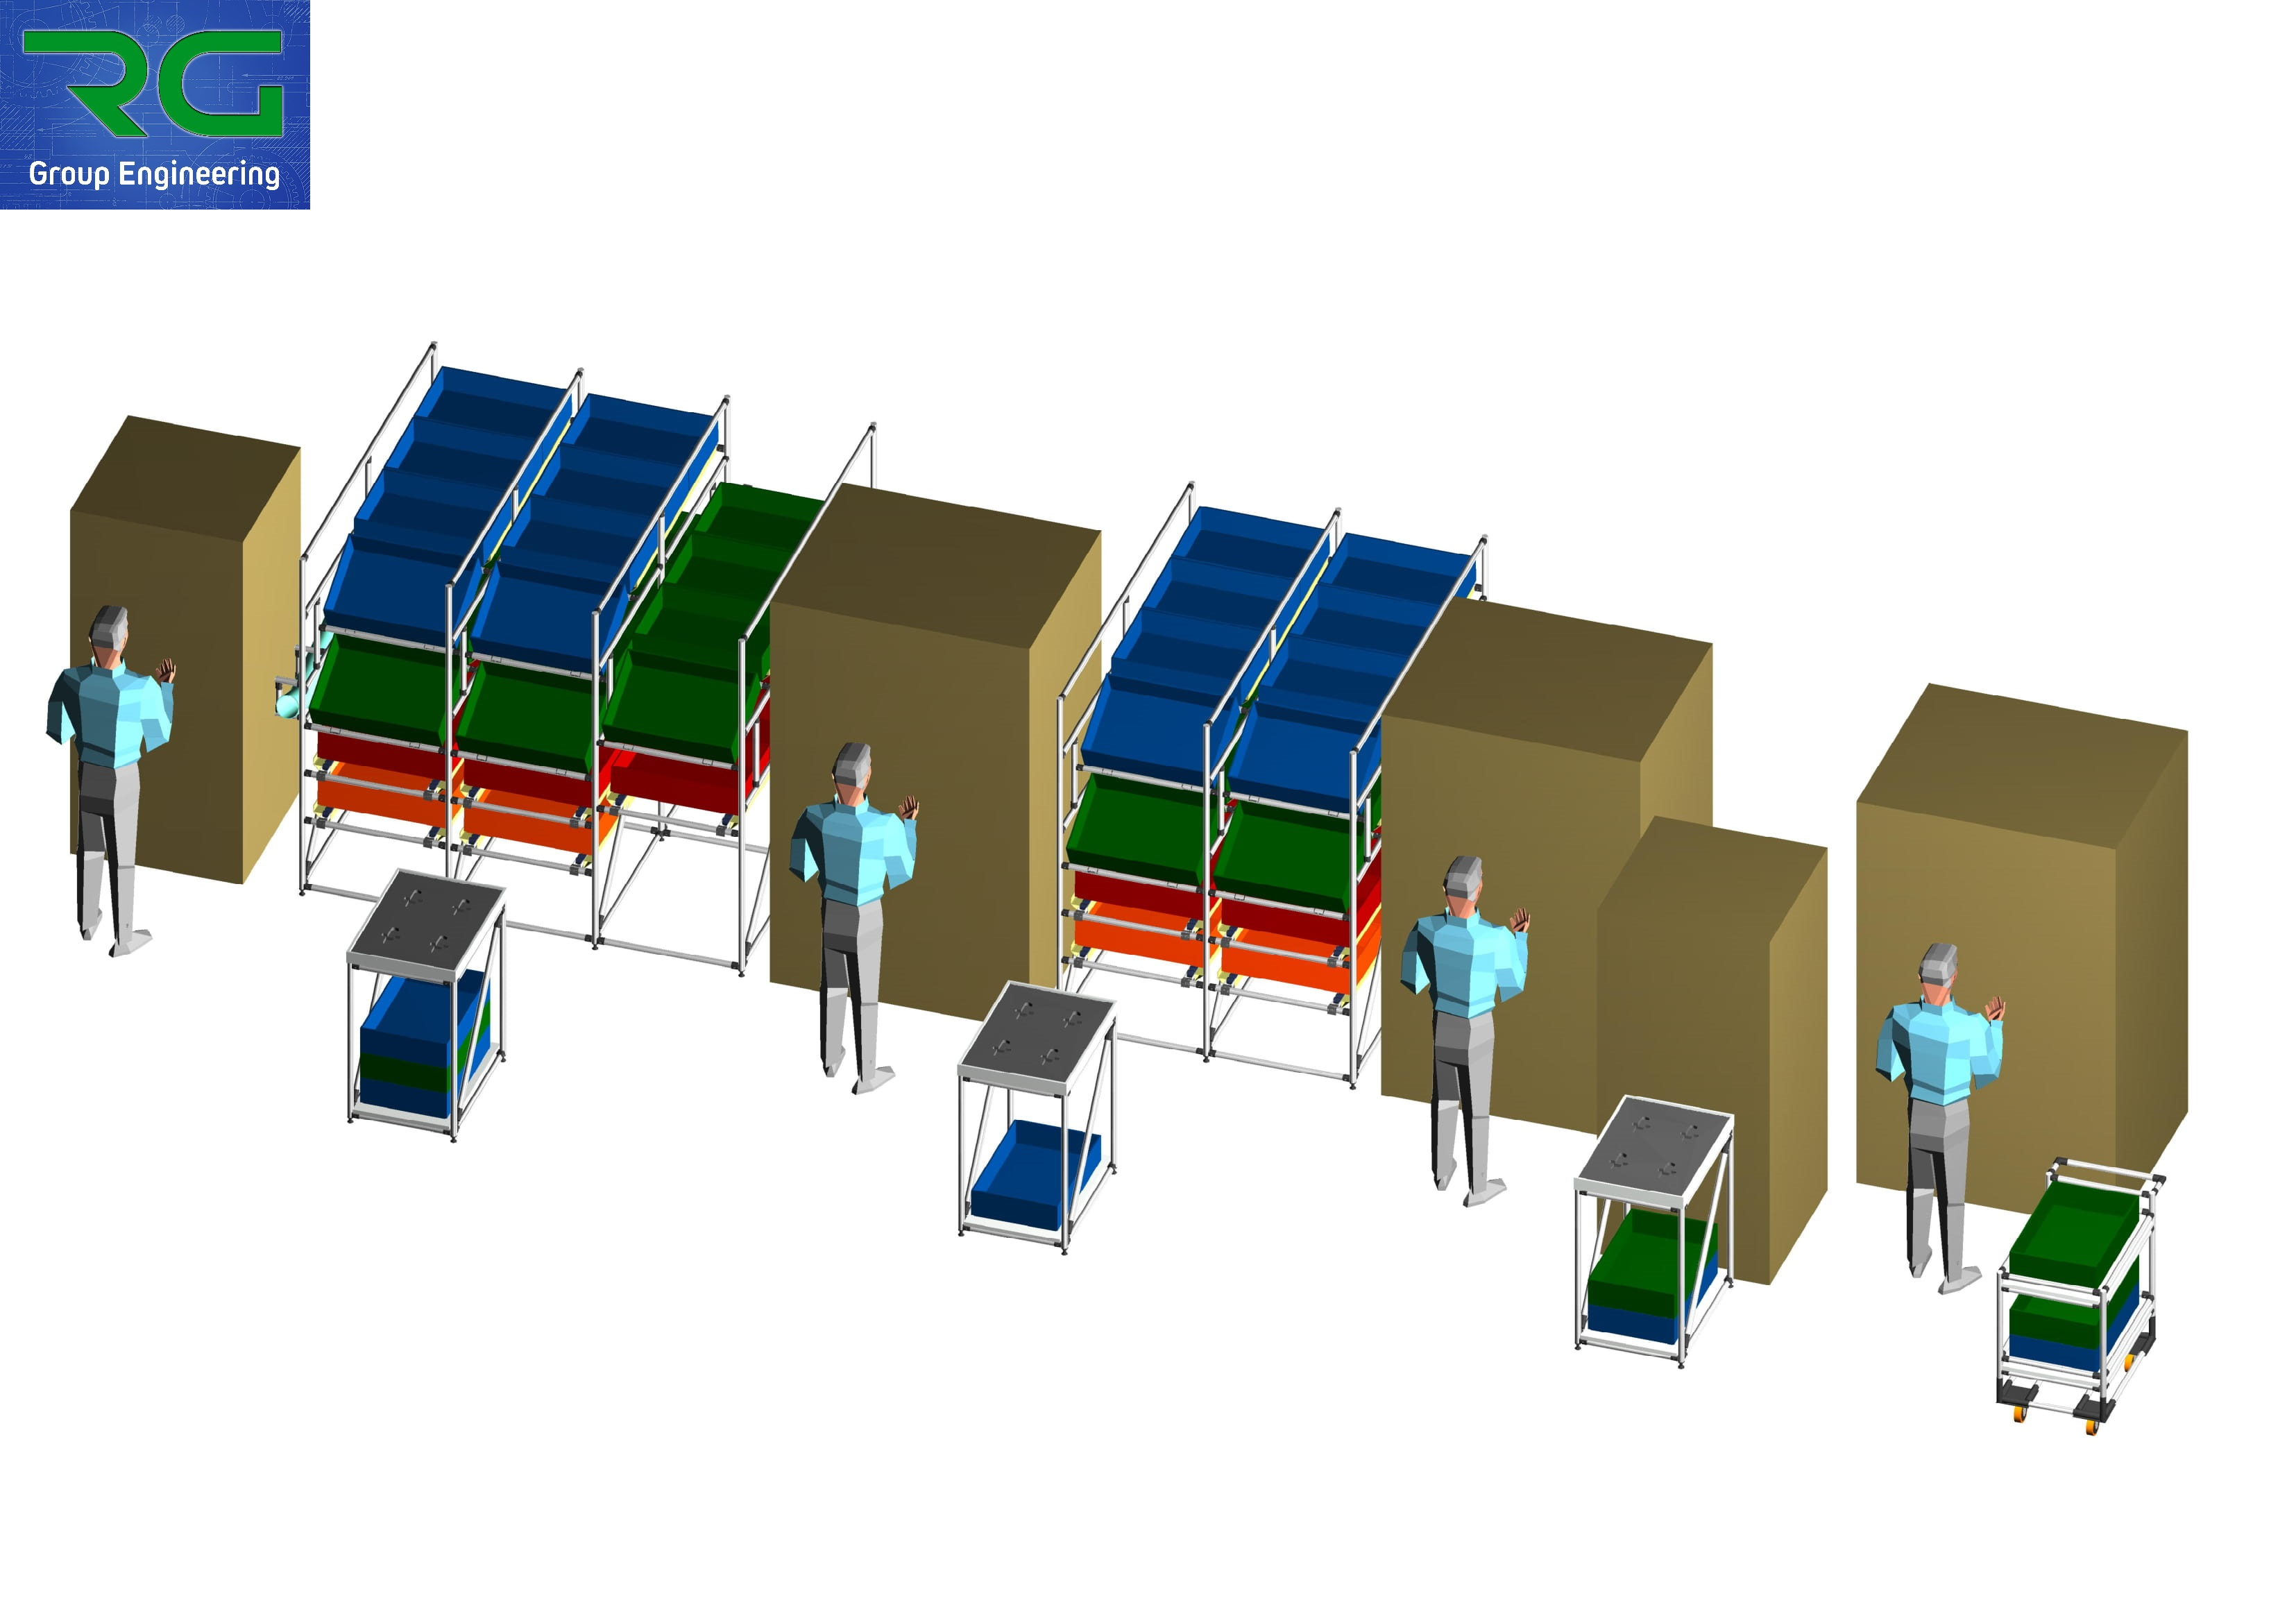 ISOLA DI LAVORO (SETTORE AUTOMOTIVE) Strutture lean statiche e dinamiche in alluminio per assemblaggio e trasporto componenti.